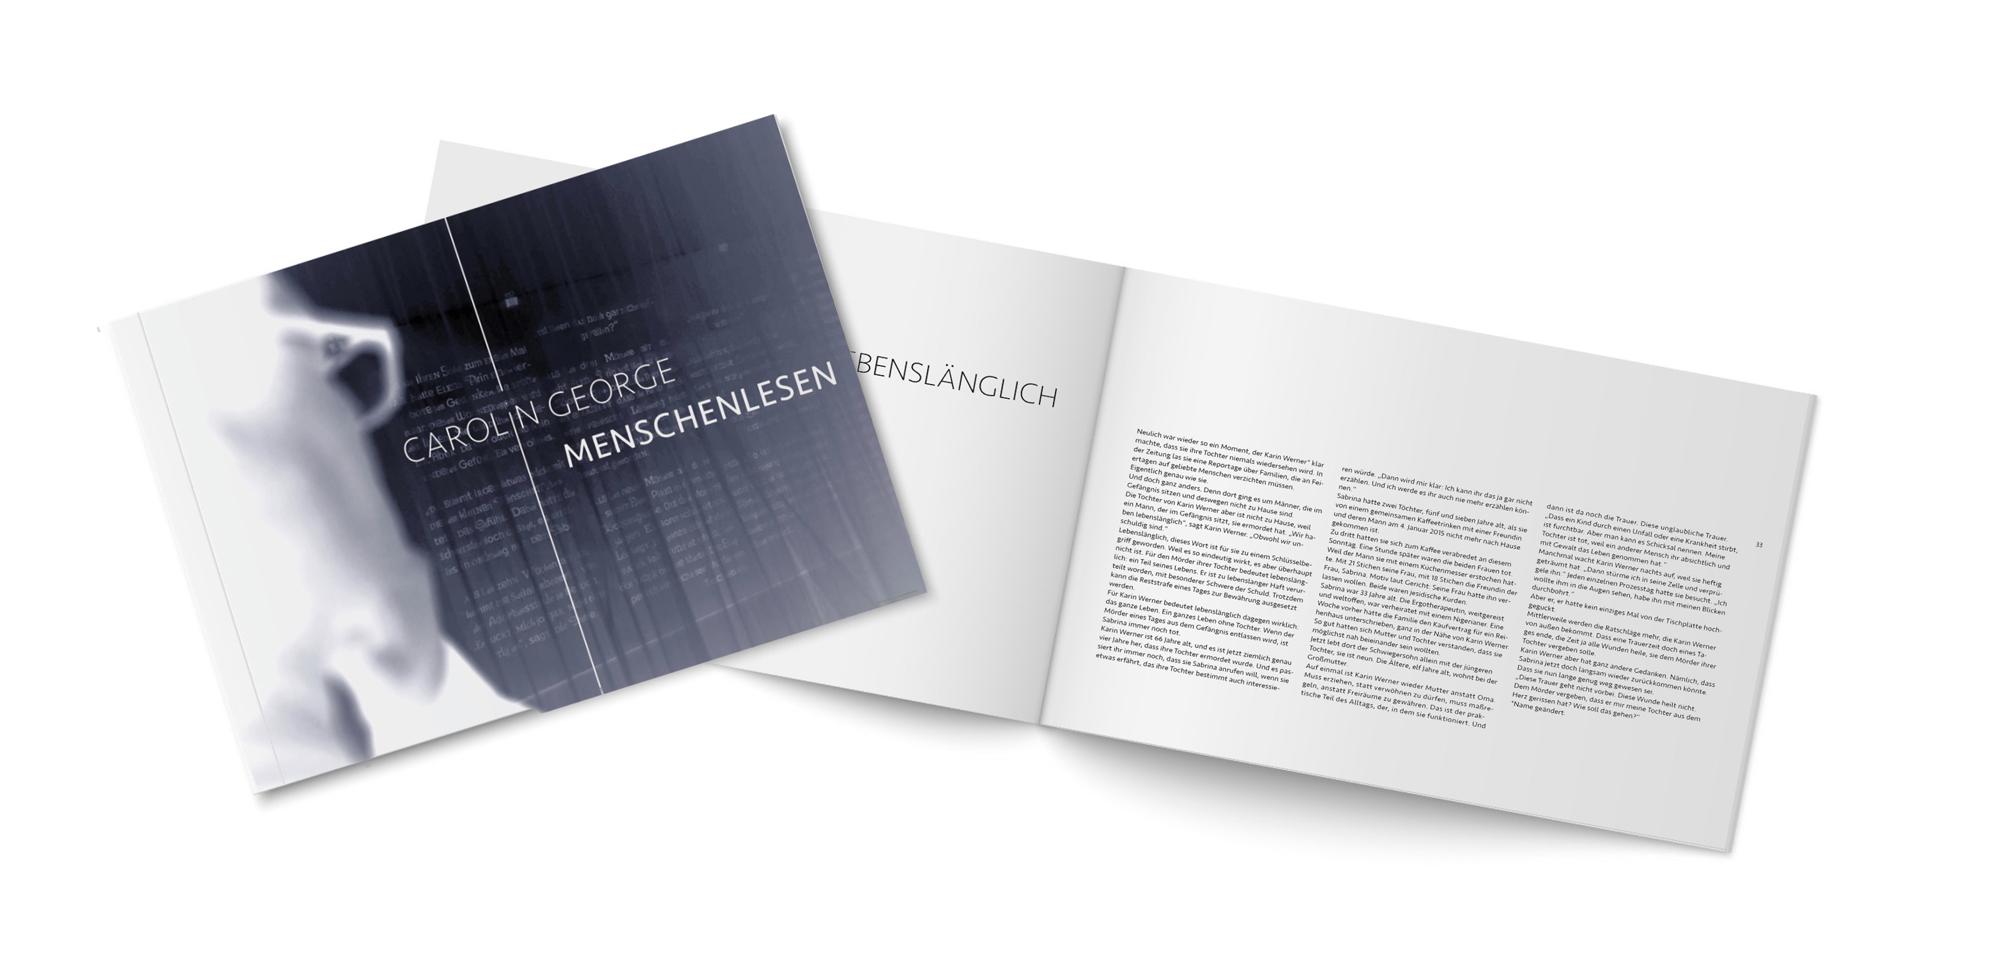 Ausstellungsprojekt vom Lüneburger kreativ-kontor Broschüre Menschenlesen